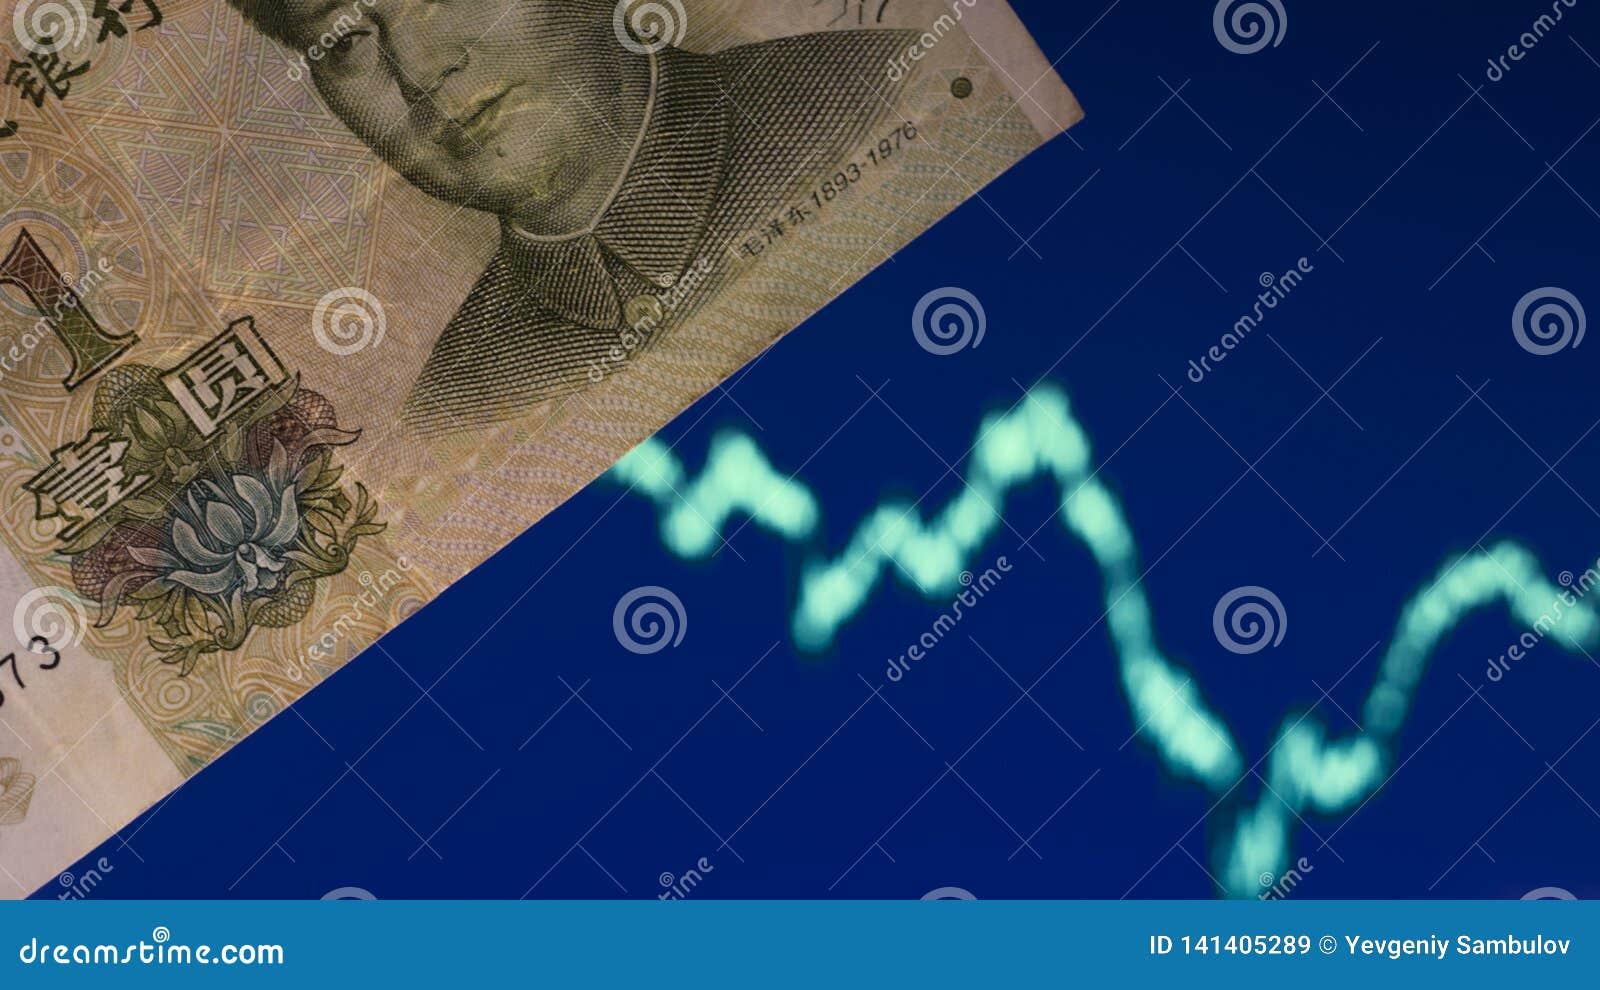 Subida o caída de Yuan Análisis del yuan de los pares de la moneda al dólar Divisas trading crisis depreciación Juego en la bolsa